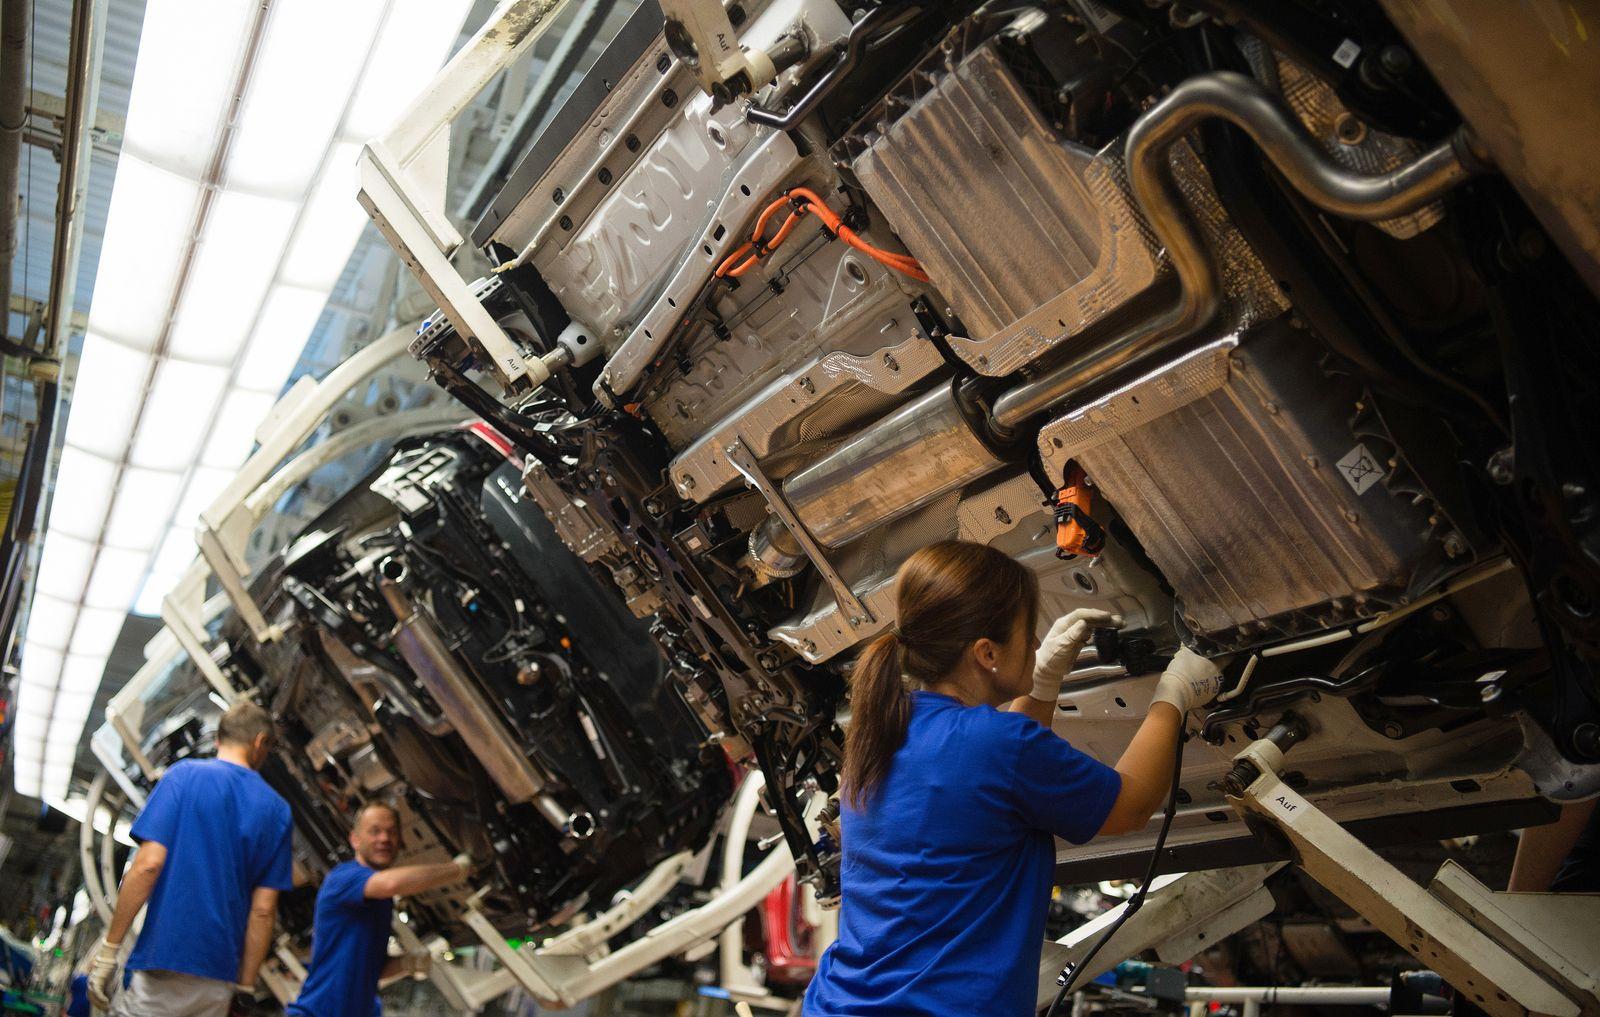 Produktion des Hybrid-Golf / Mitarbeiterin / arbeiterin